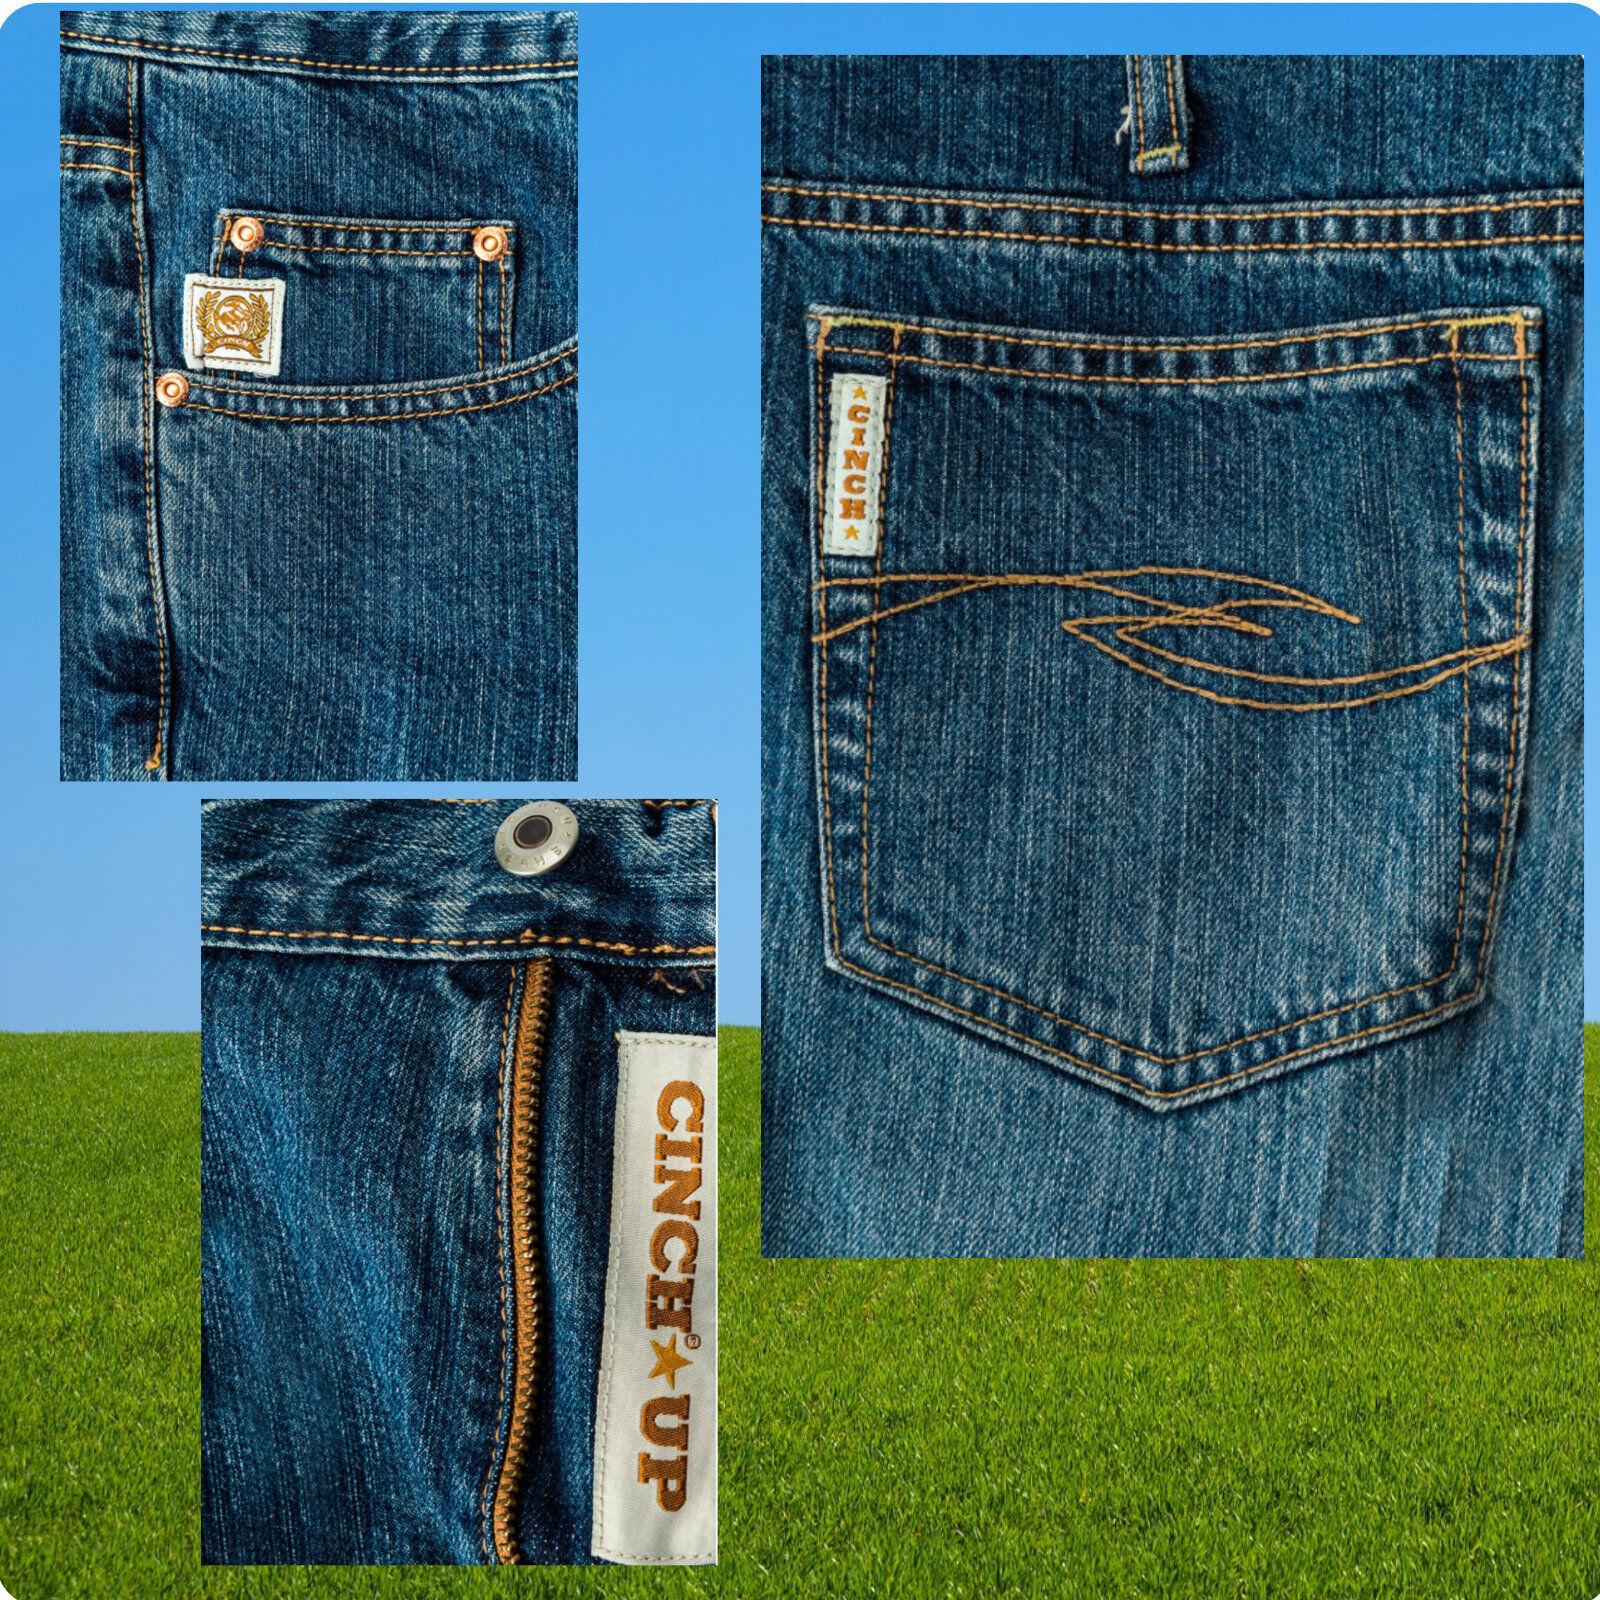 CINCH Herren Jeans DOOLEY DOOLEY DOOLEY Western Jeans Reitjeans Work Jeans d51f43